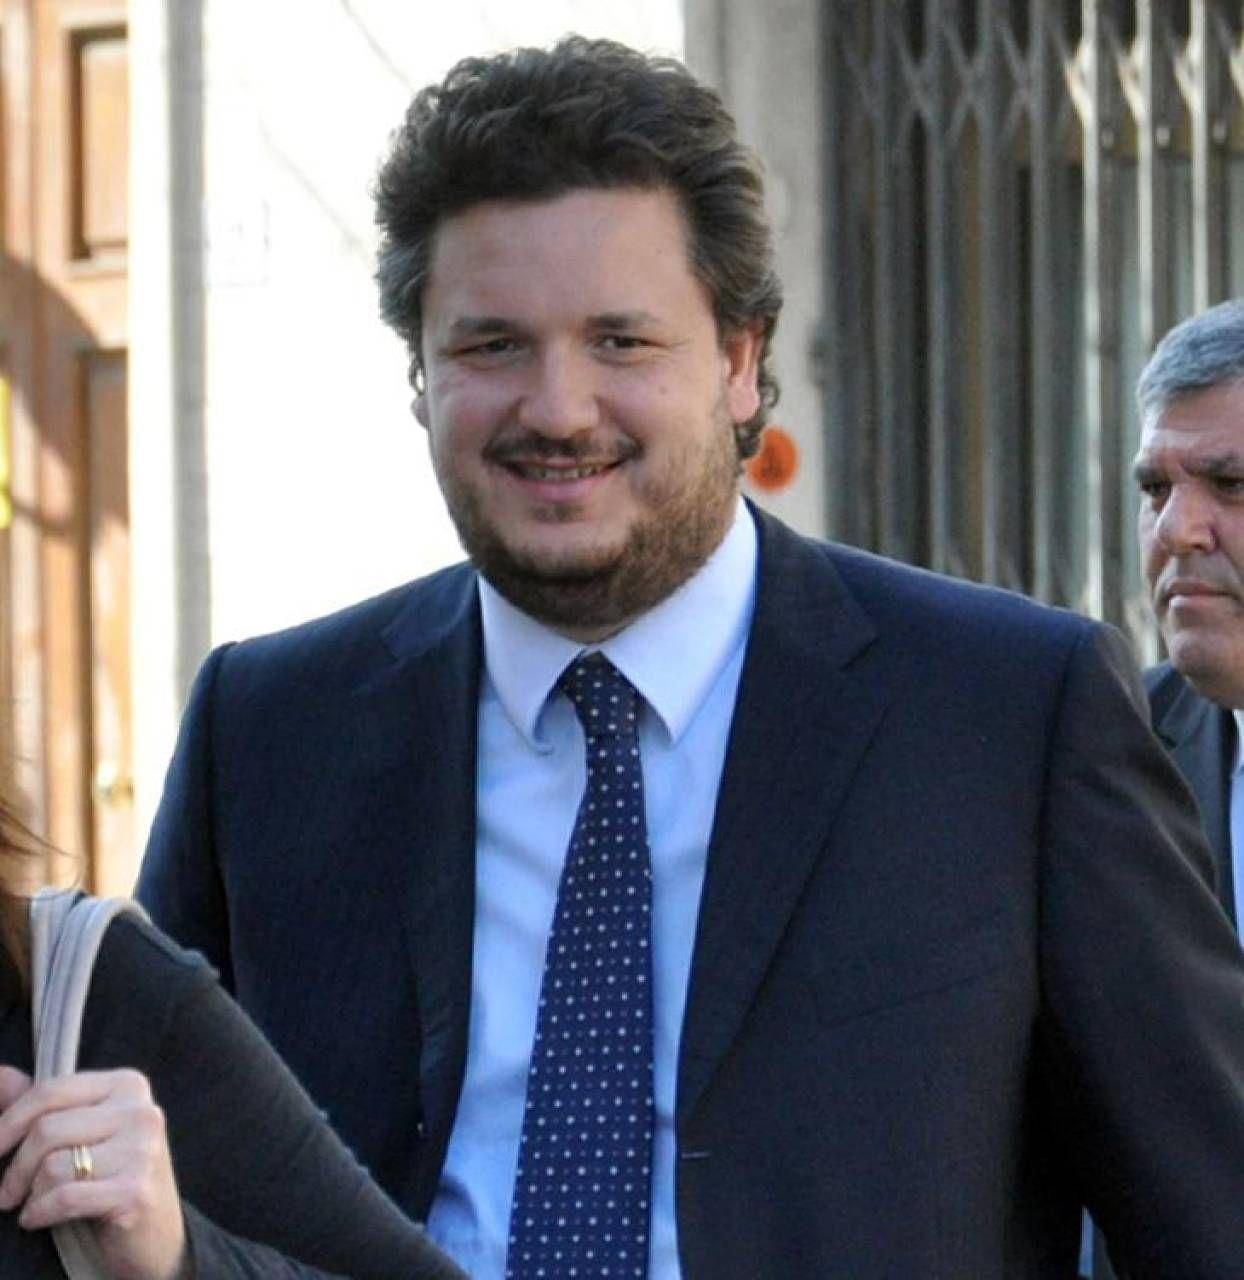 L'ex sostituto procuratore di Grosseto, Stefano Pizza